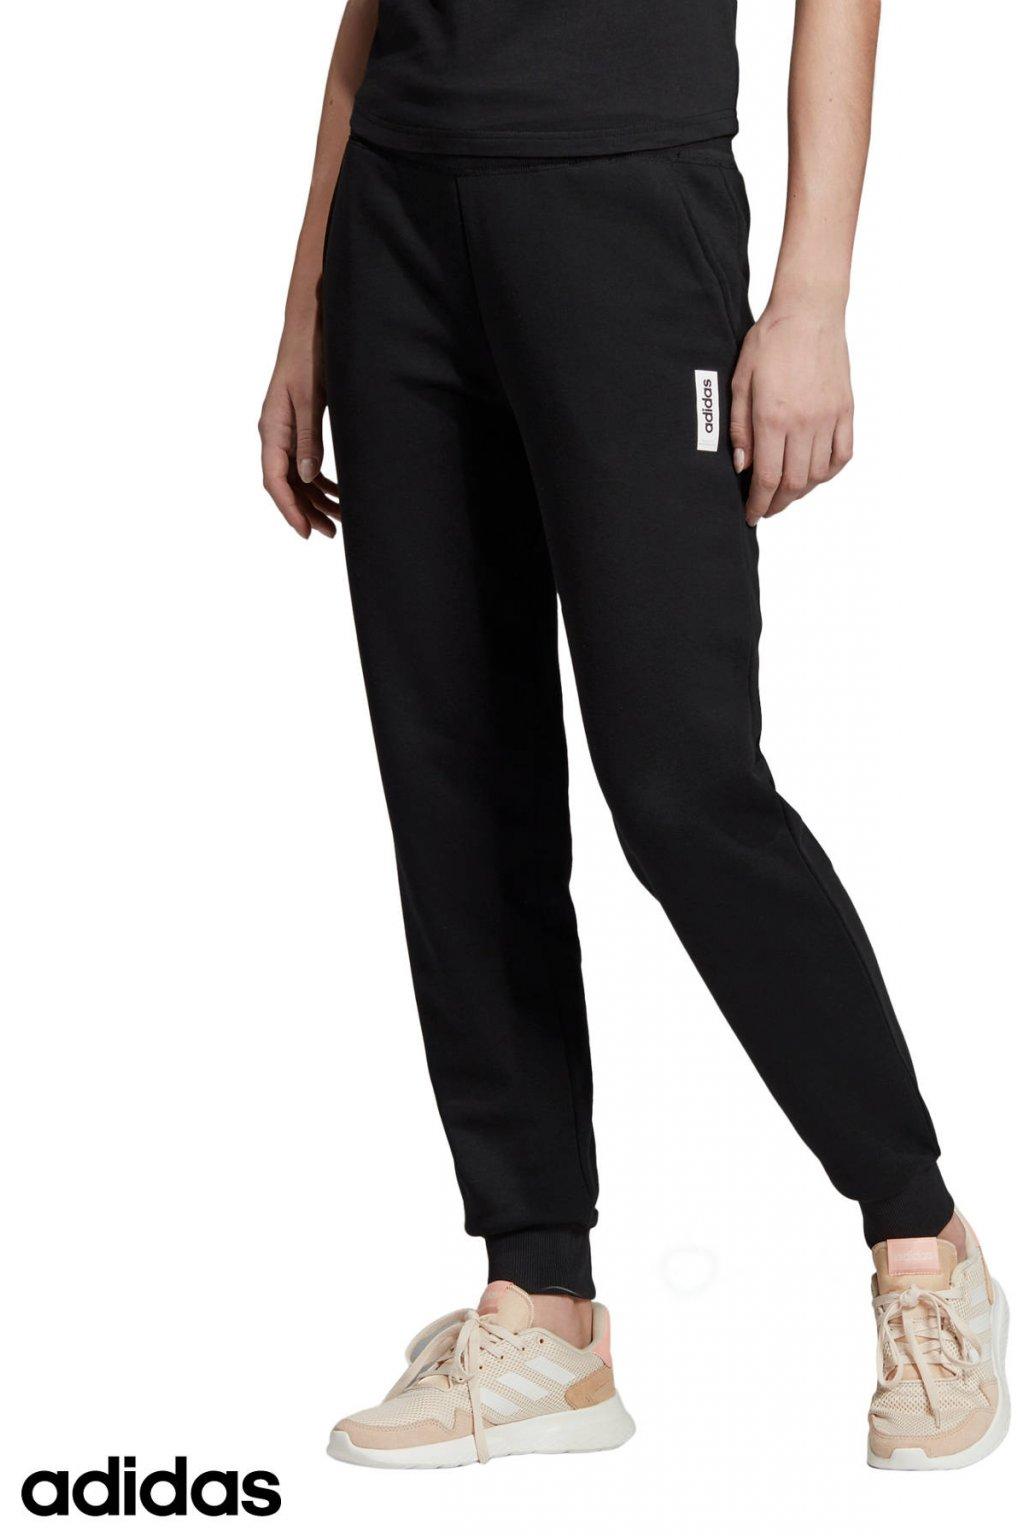 ei4629 damske teplaky adidas brilliant basics trackpants